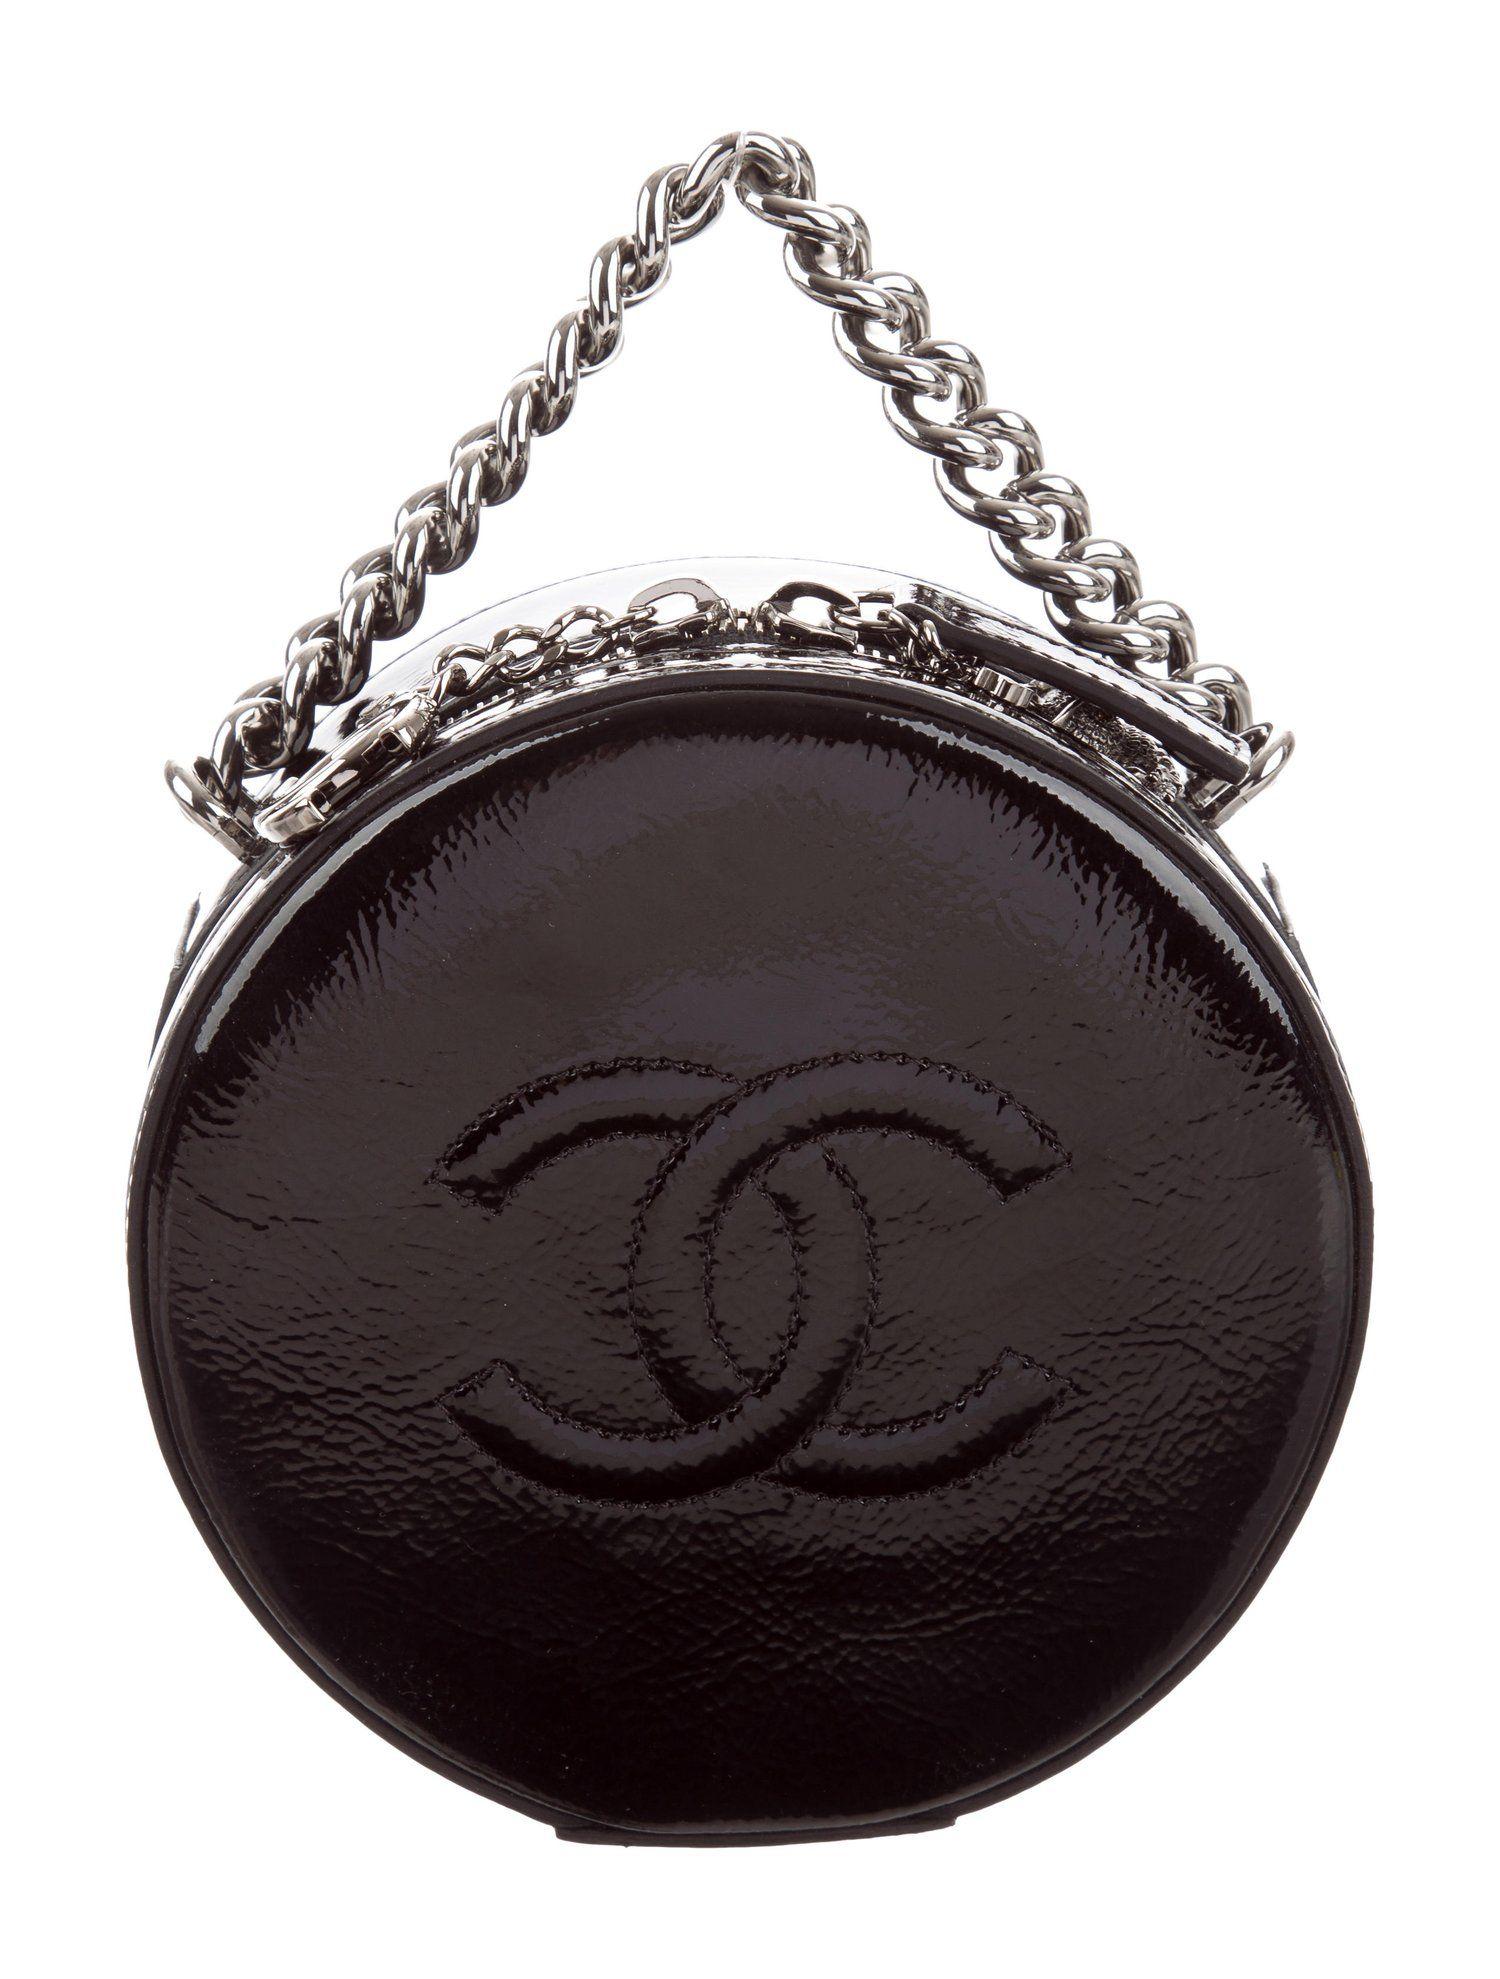 e71e1a8fc386 Chanel 2018 Patent Round as Earth Bag - Handbags - CHA316240